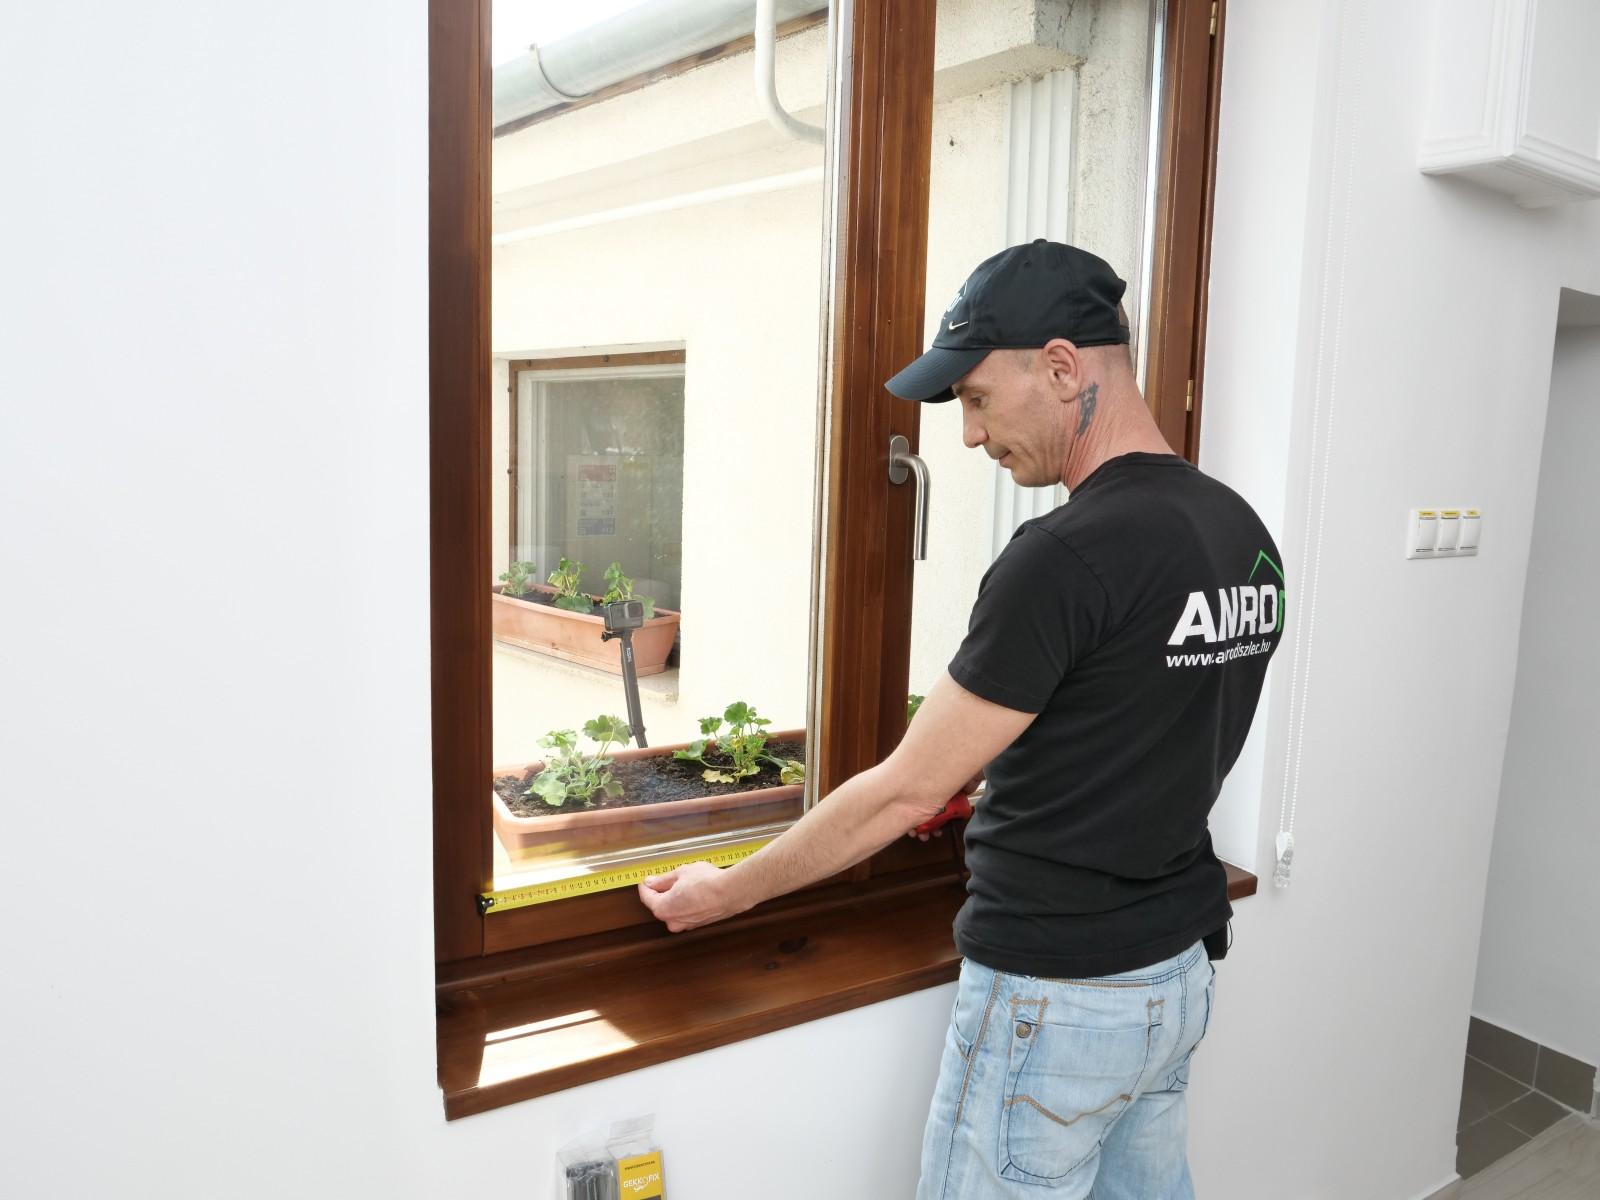 Vegyük fel az ablaktábla méreteit. Ettől kicsit nagyobbra fogjuk vágni a fóliát, hogy könnyebb legyen felrakni.